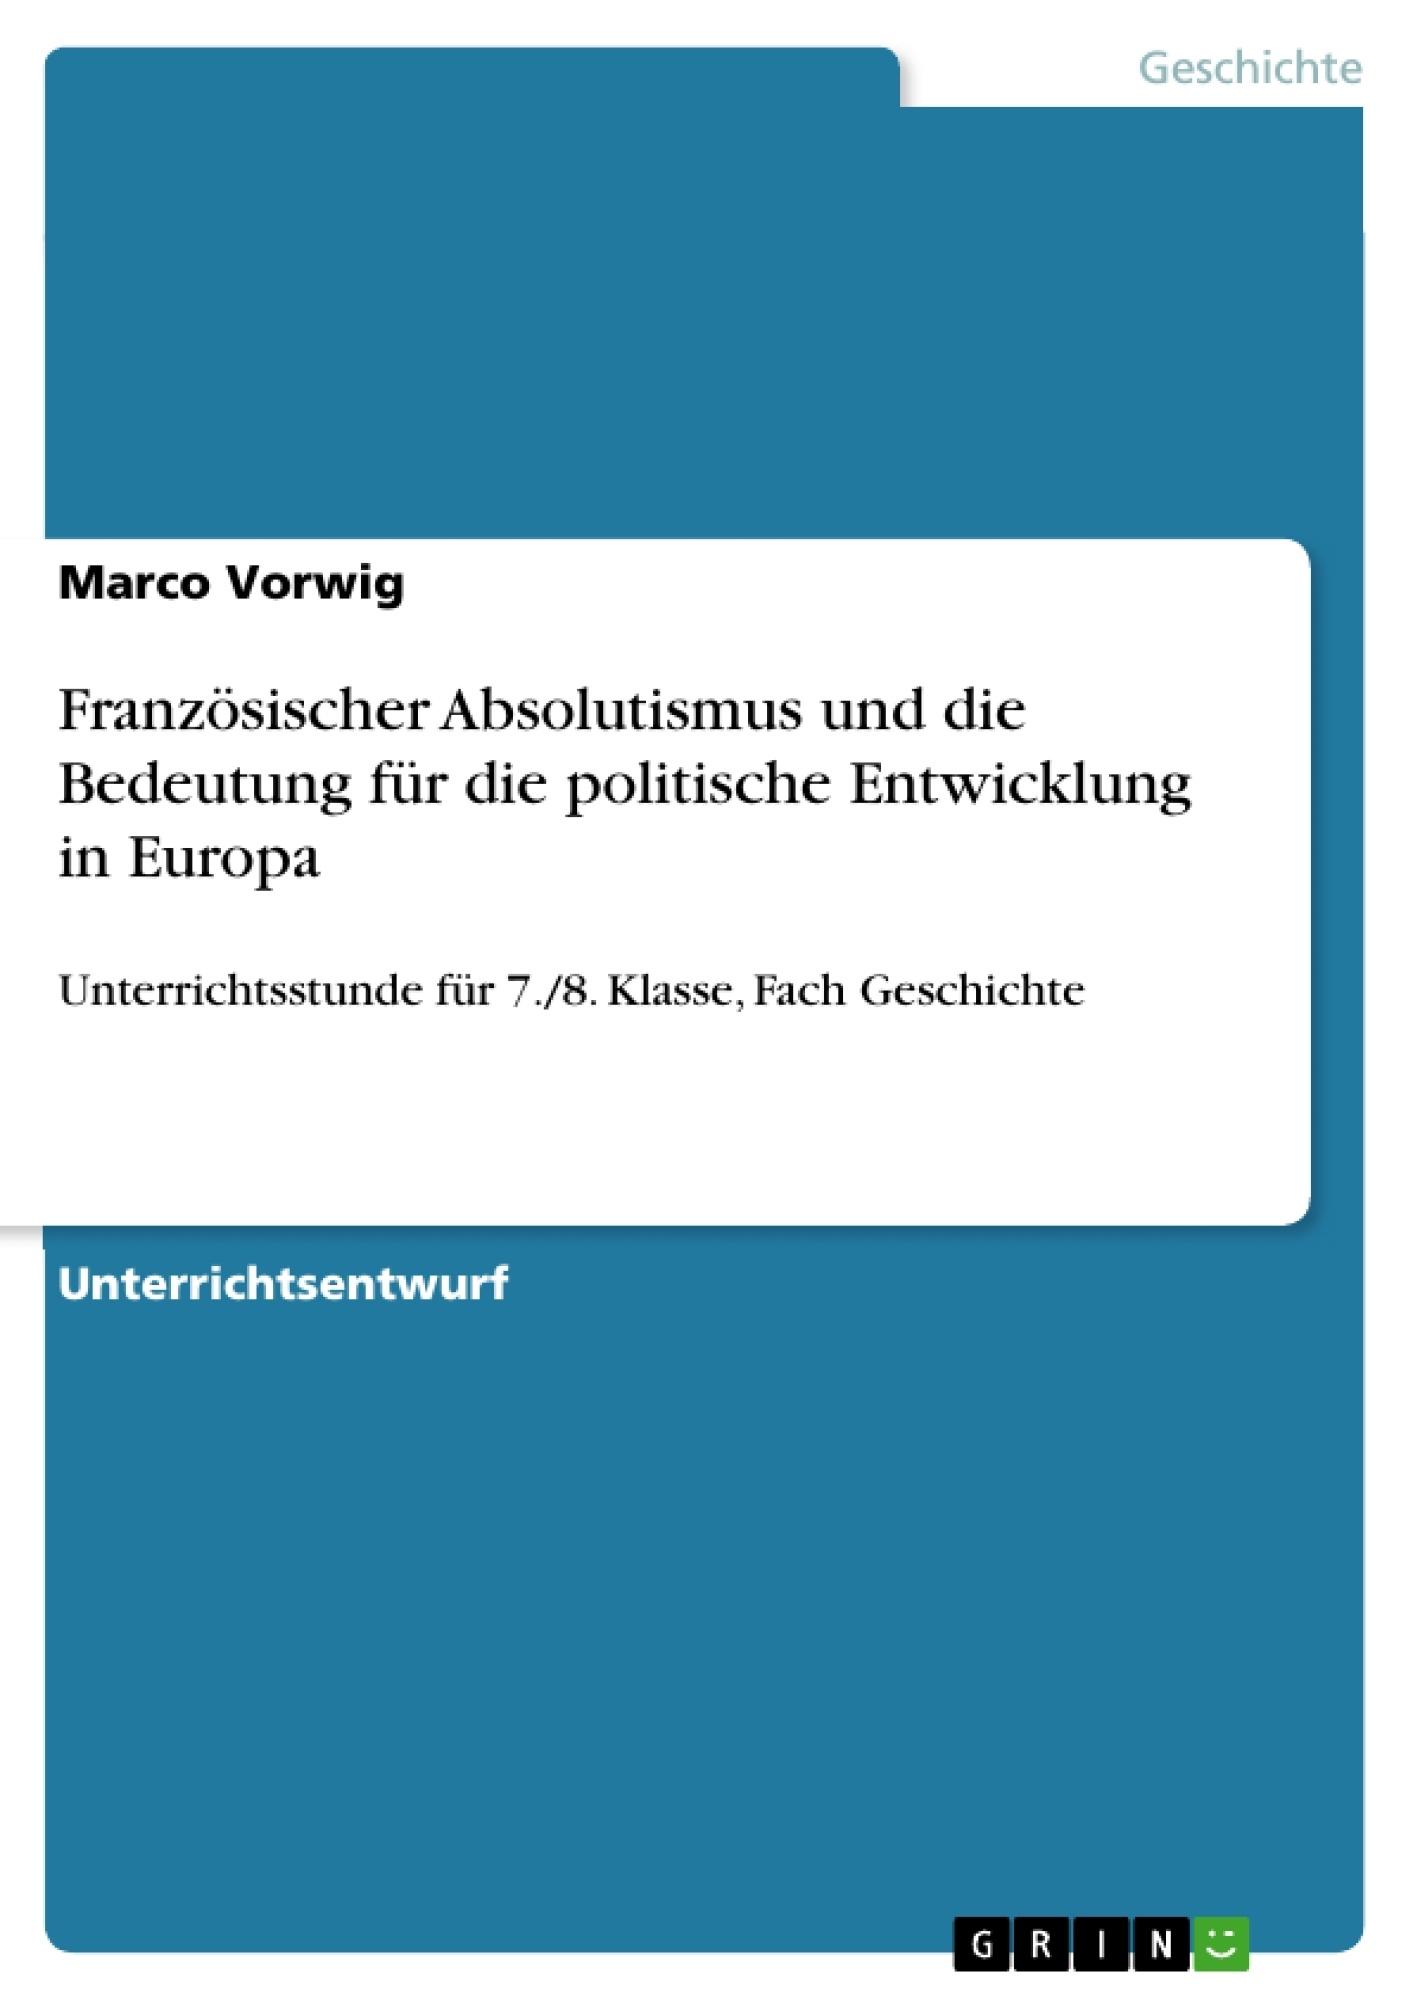 Titel: Französischer Absolutismus und die Bedeutung für die politische Entwicklung in Europa